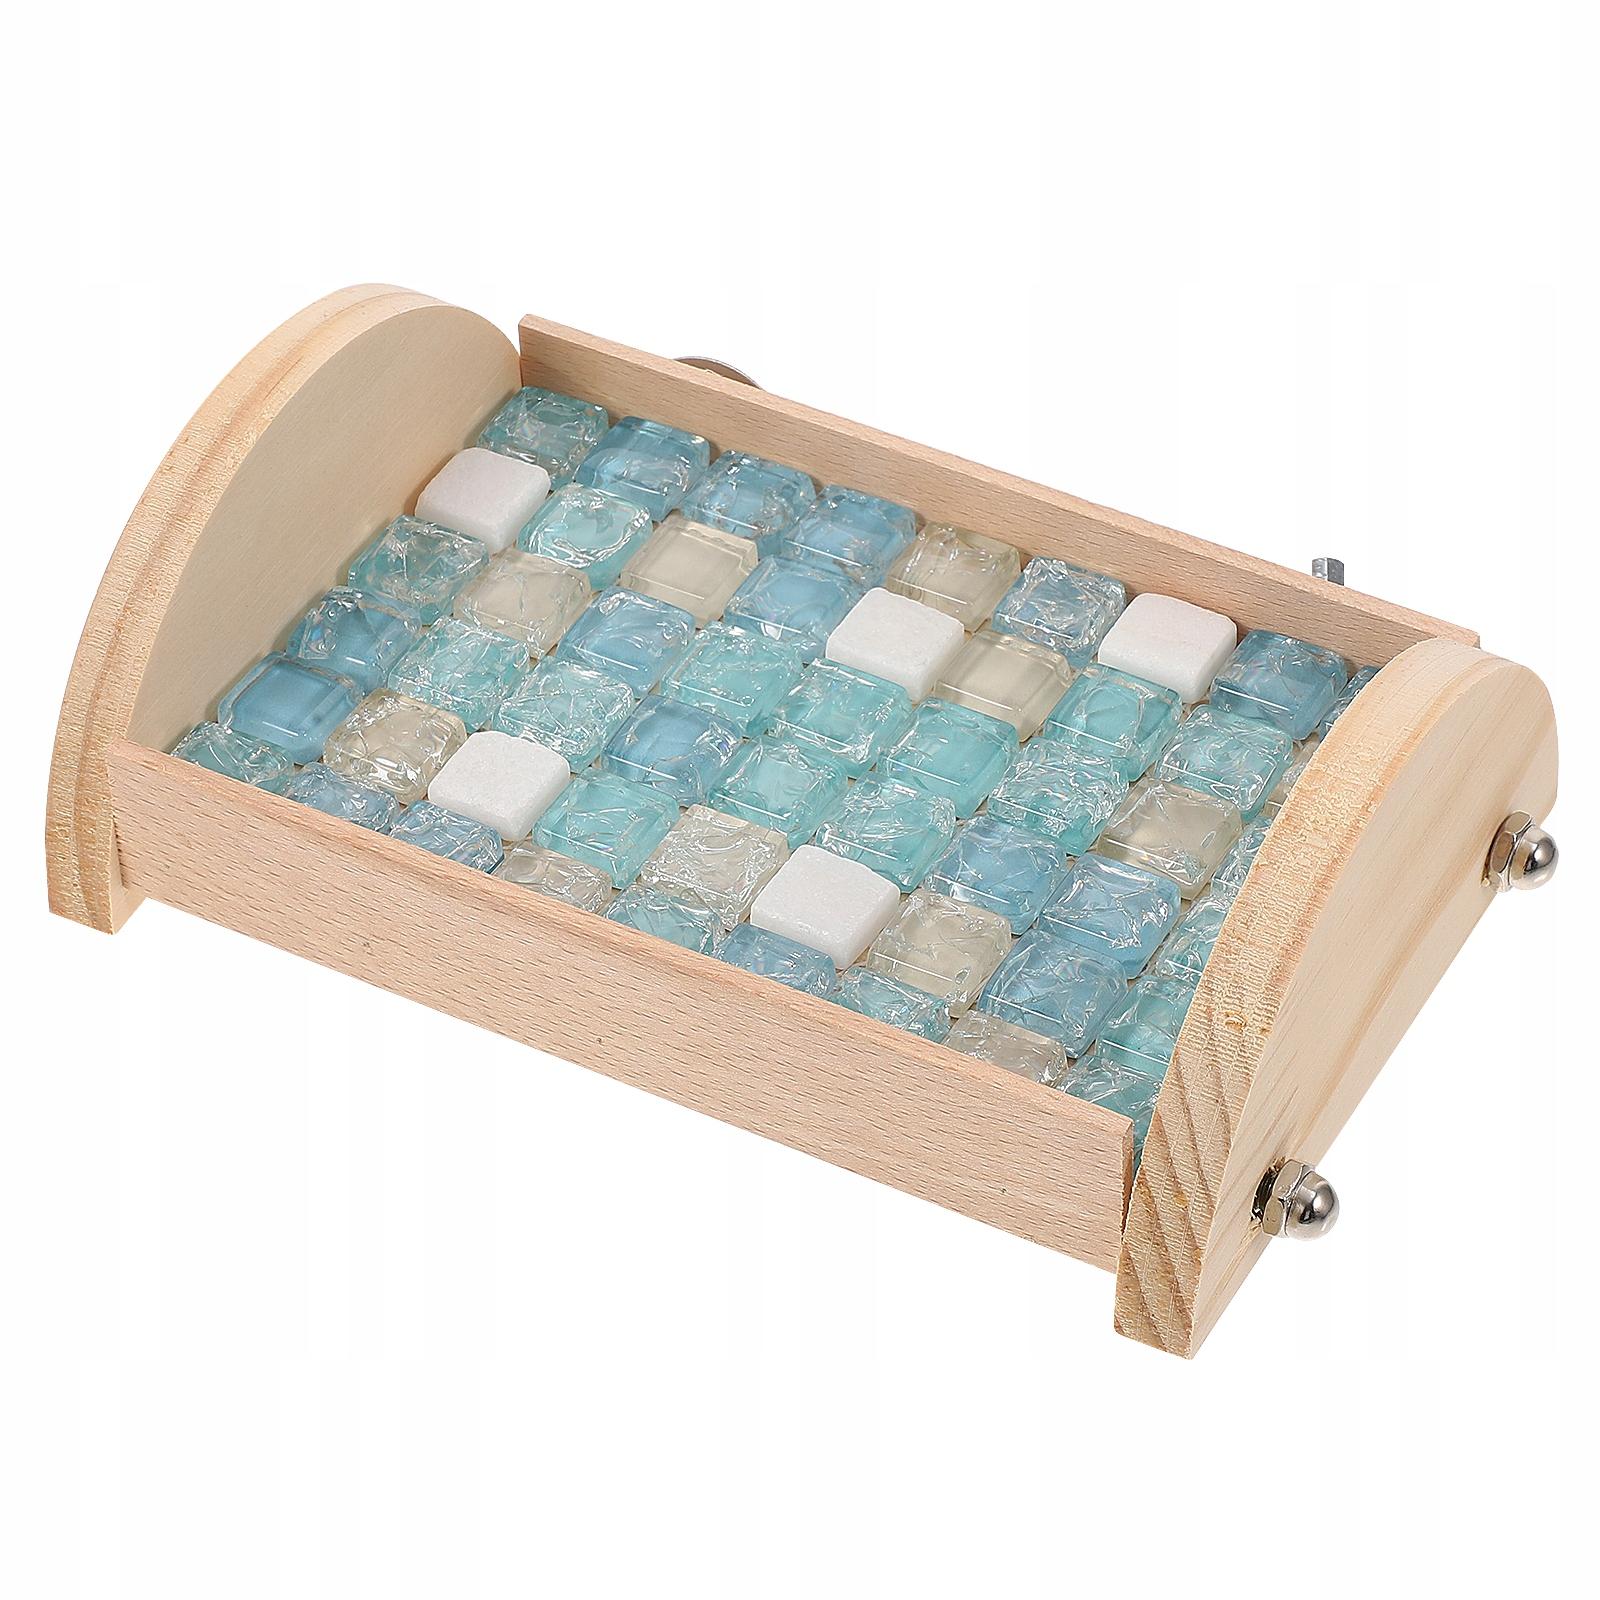 Деревянная платформа для хомяка, клетка-кровать, аксессуар